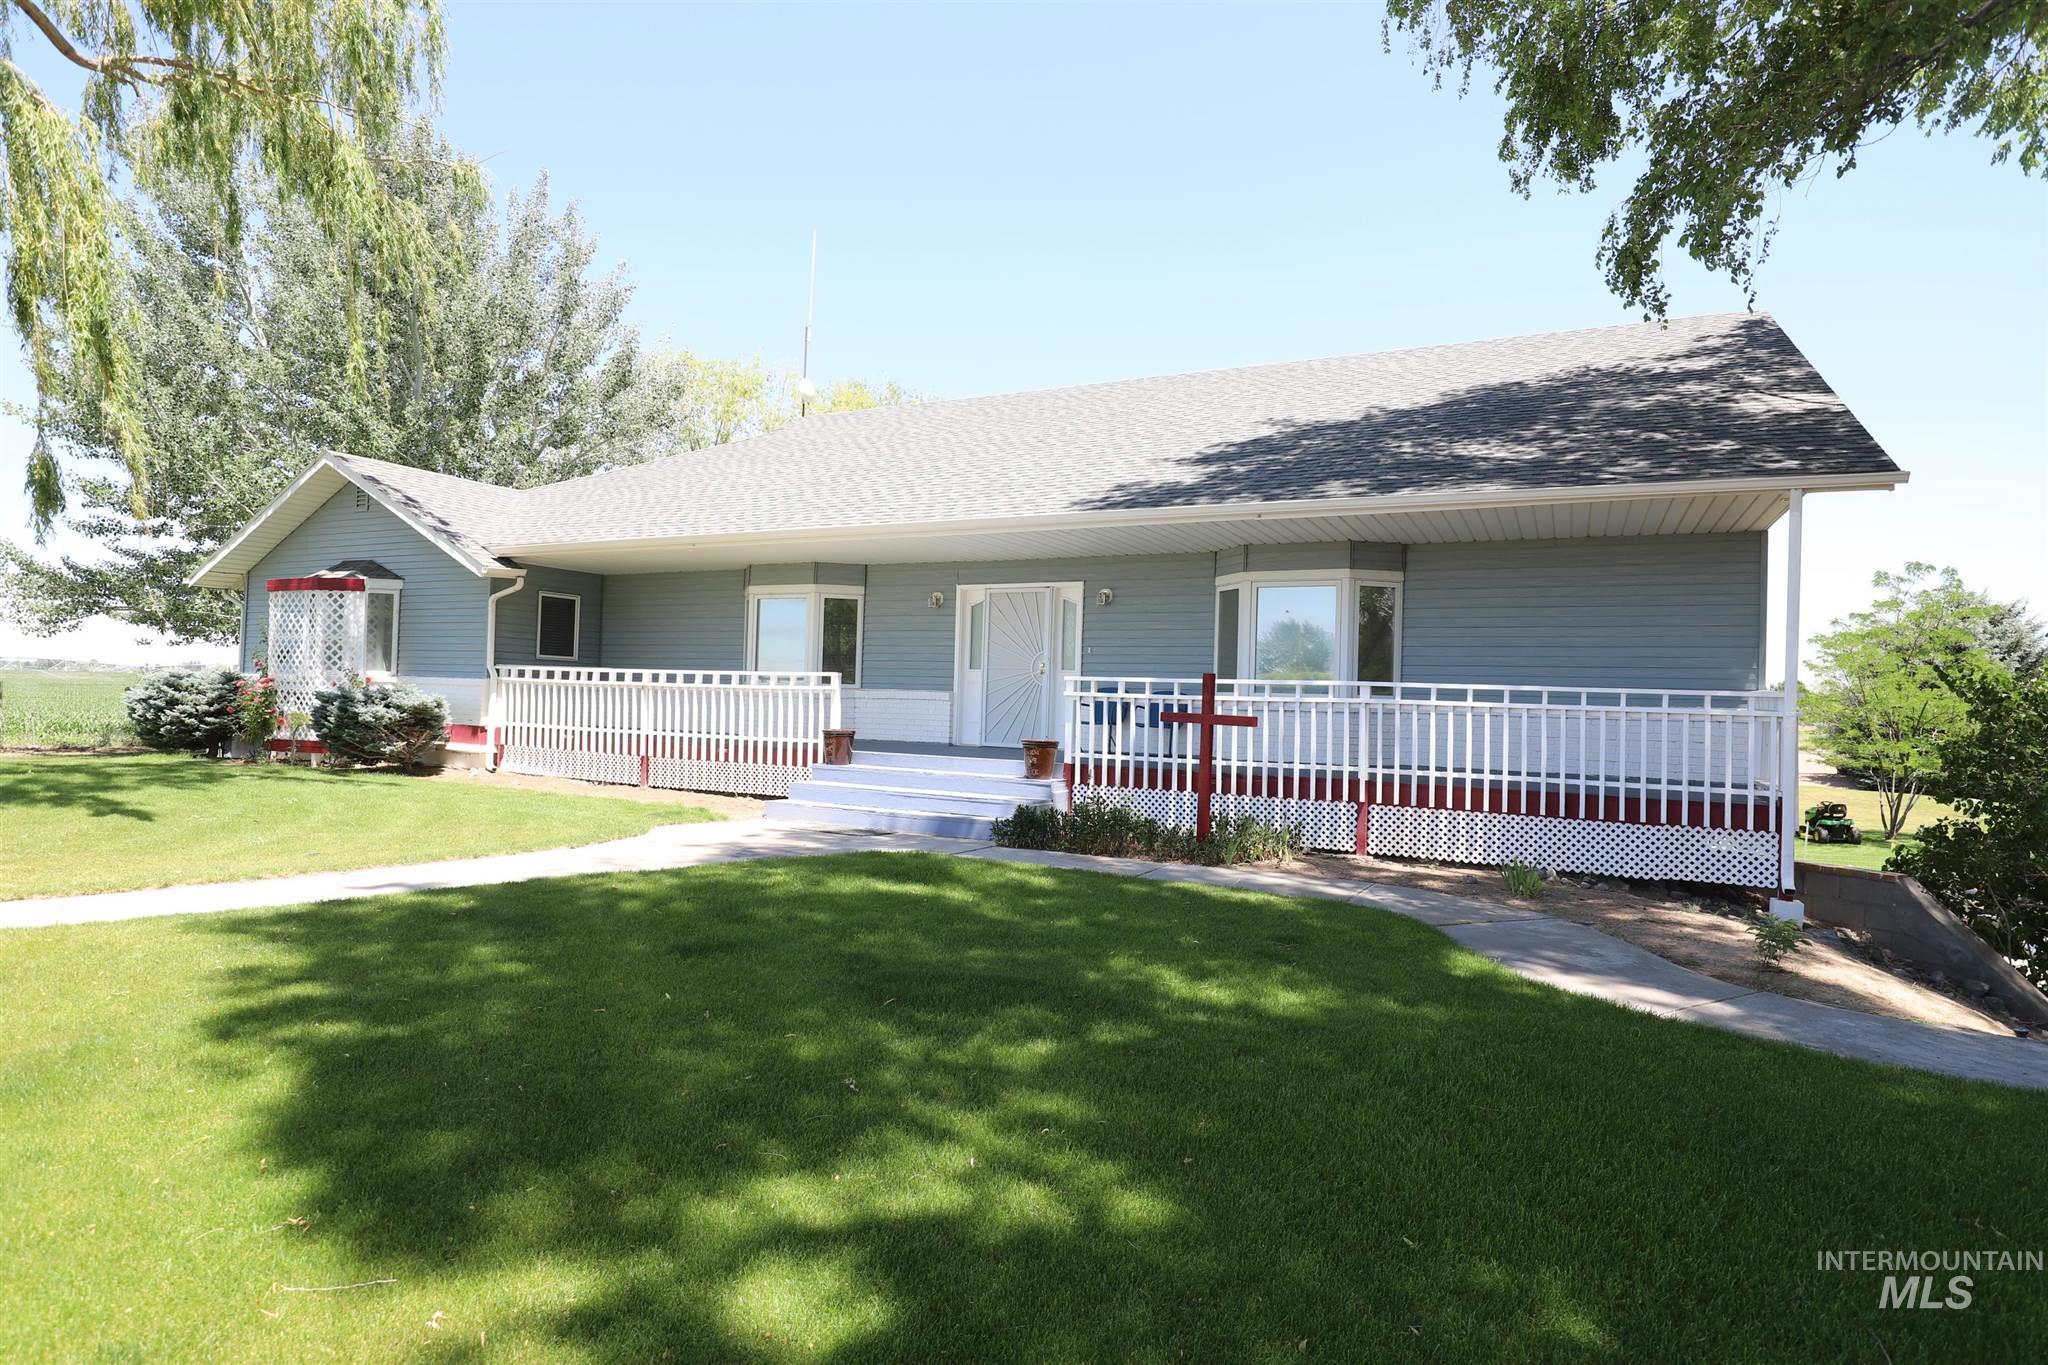 126 S 200 W Property Photo 1